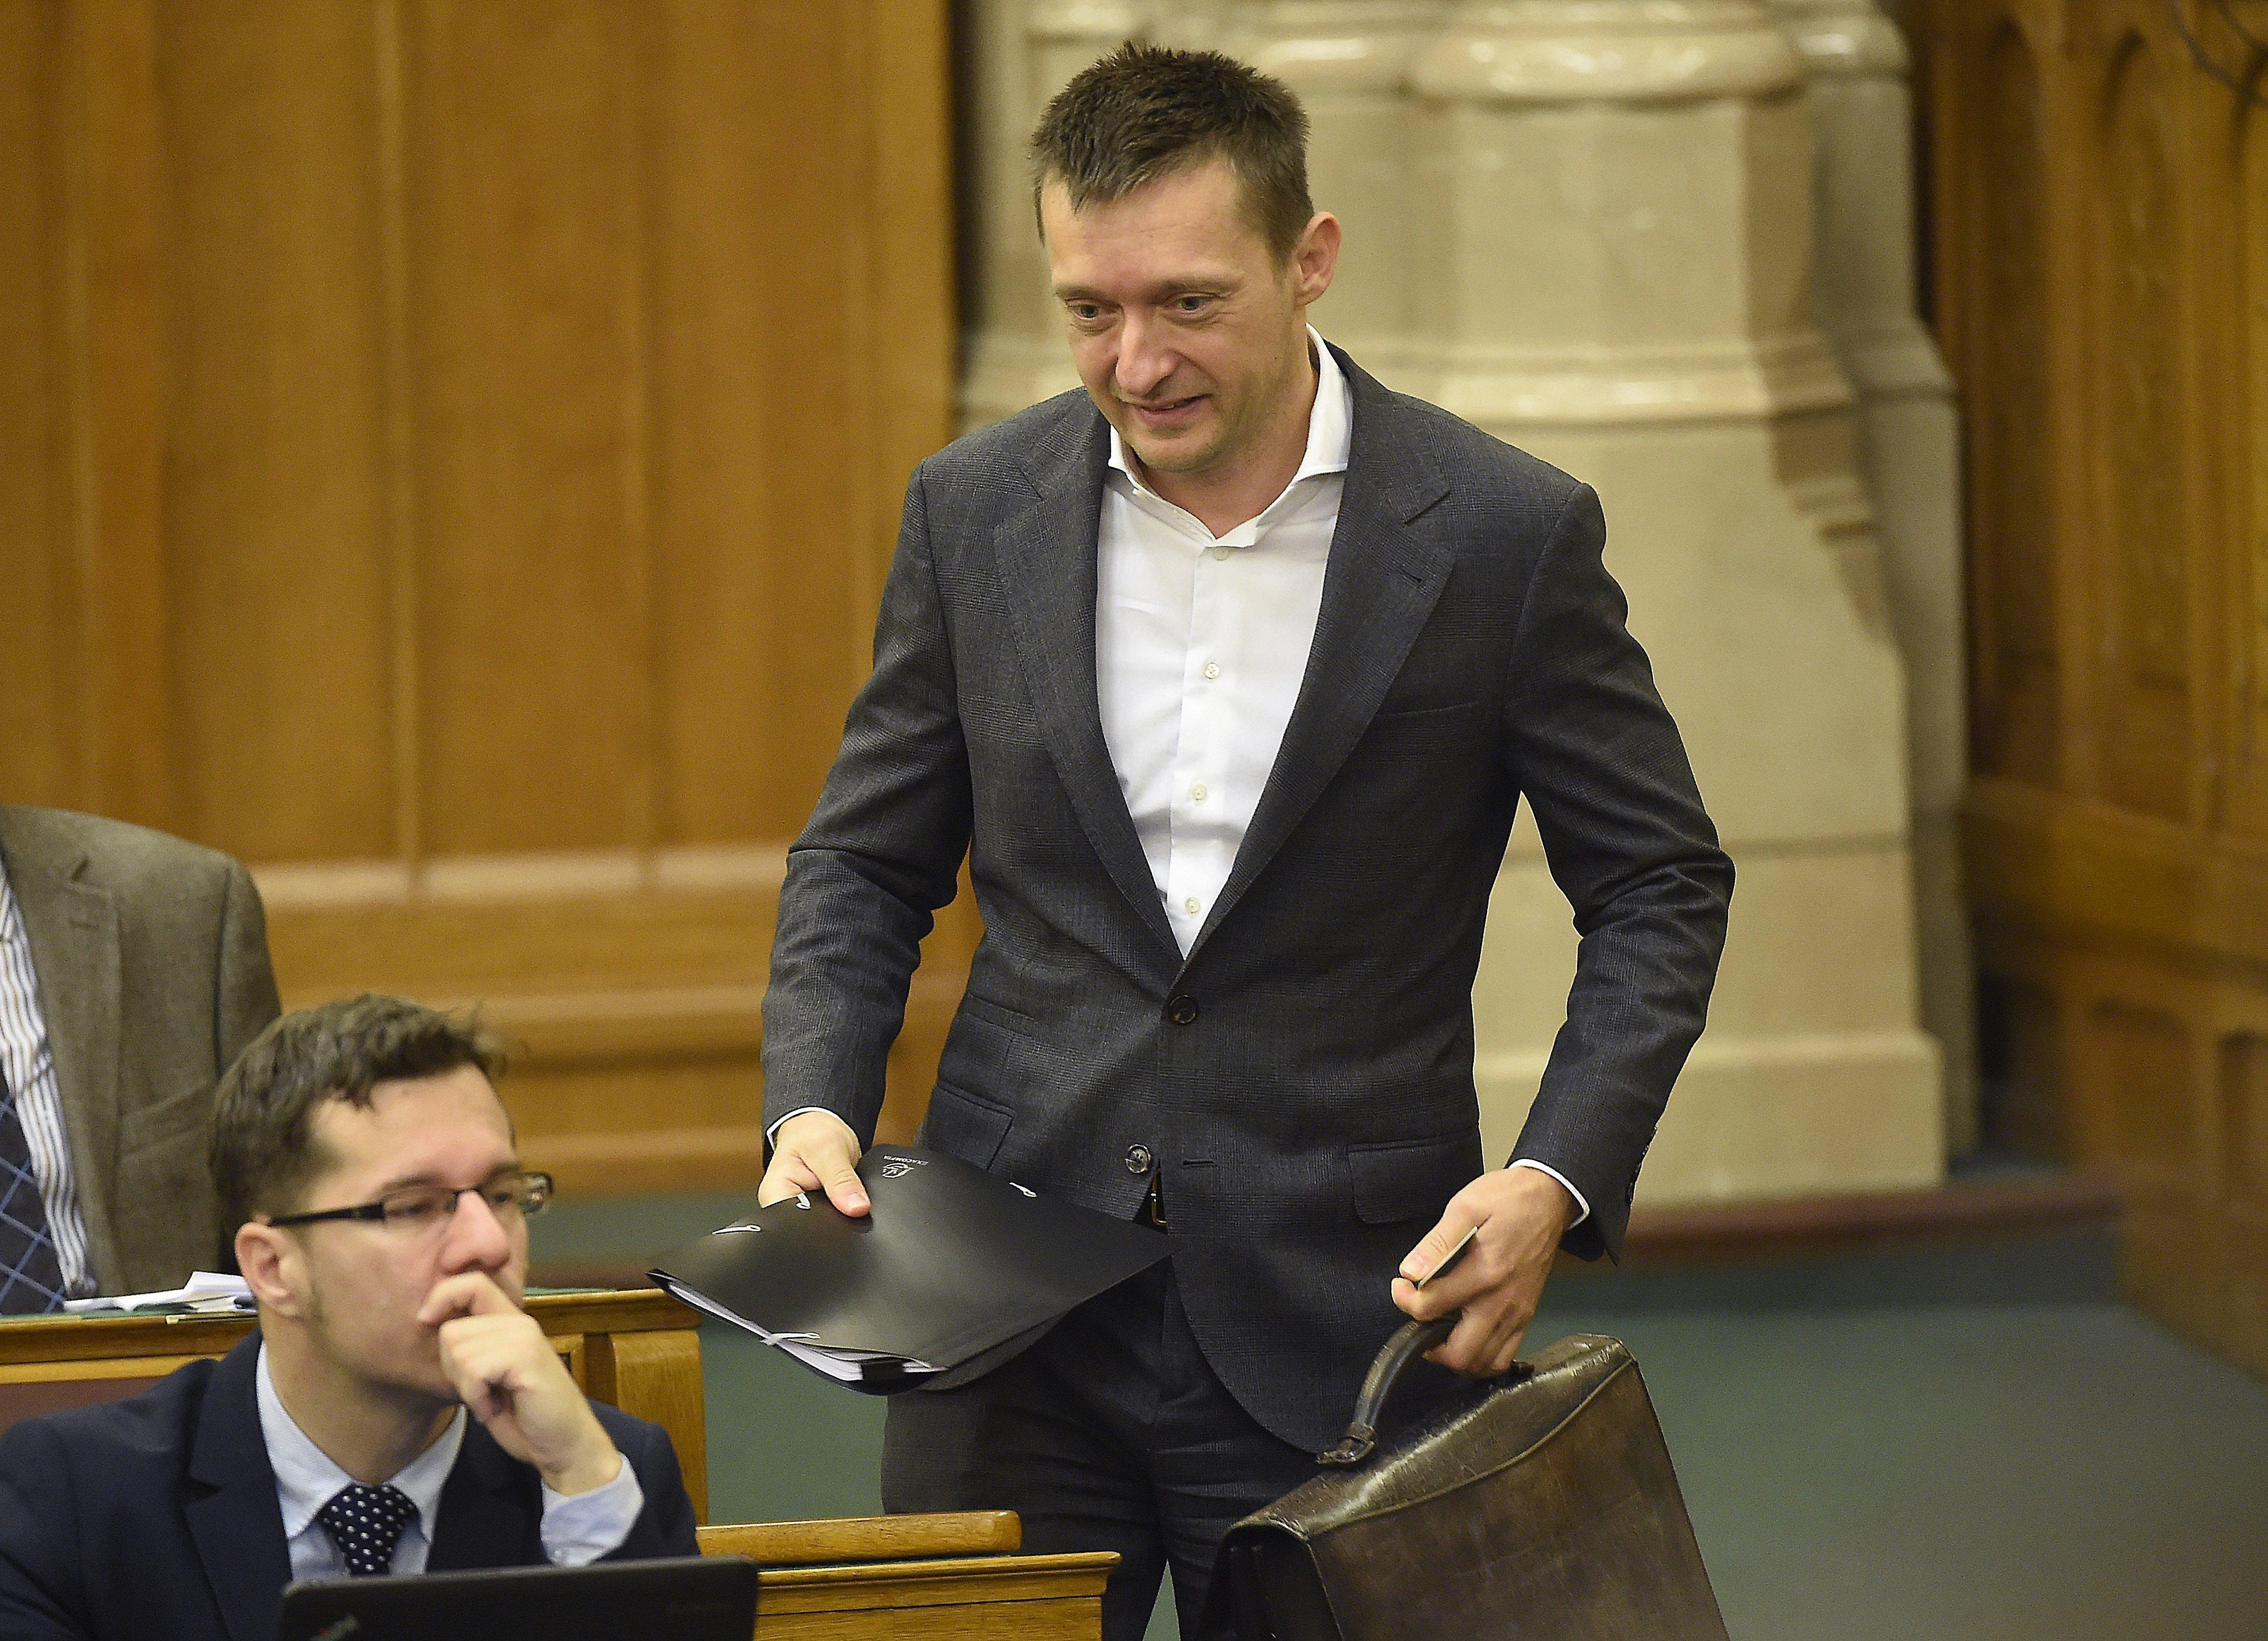 Rogán a politikai, Palkovics a pénzosztási főnök lesz